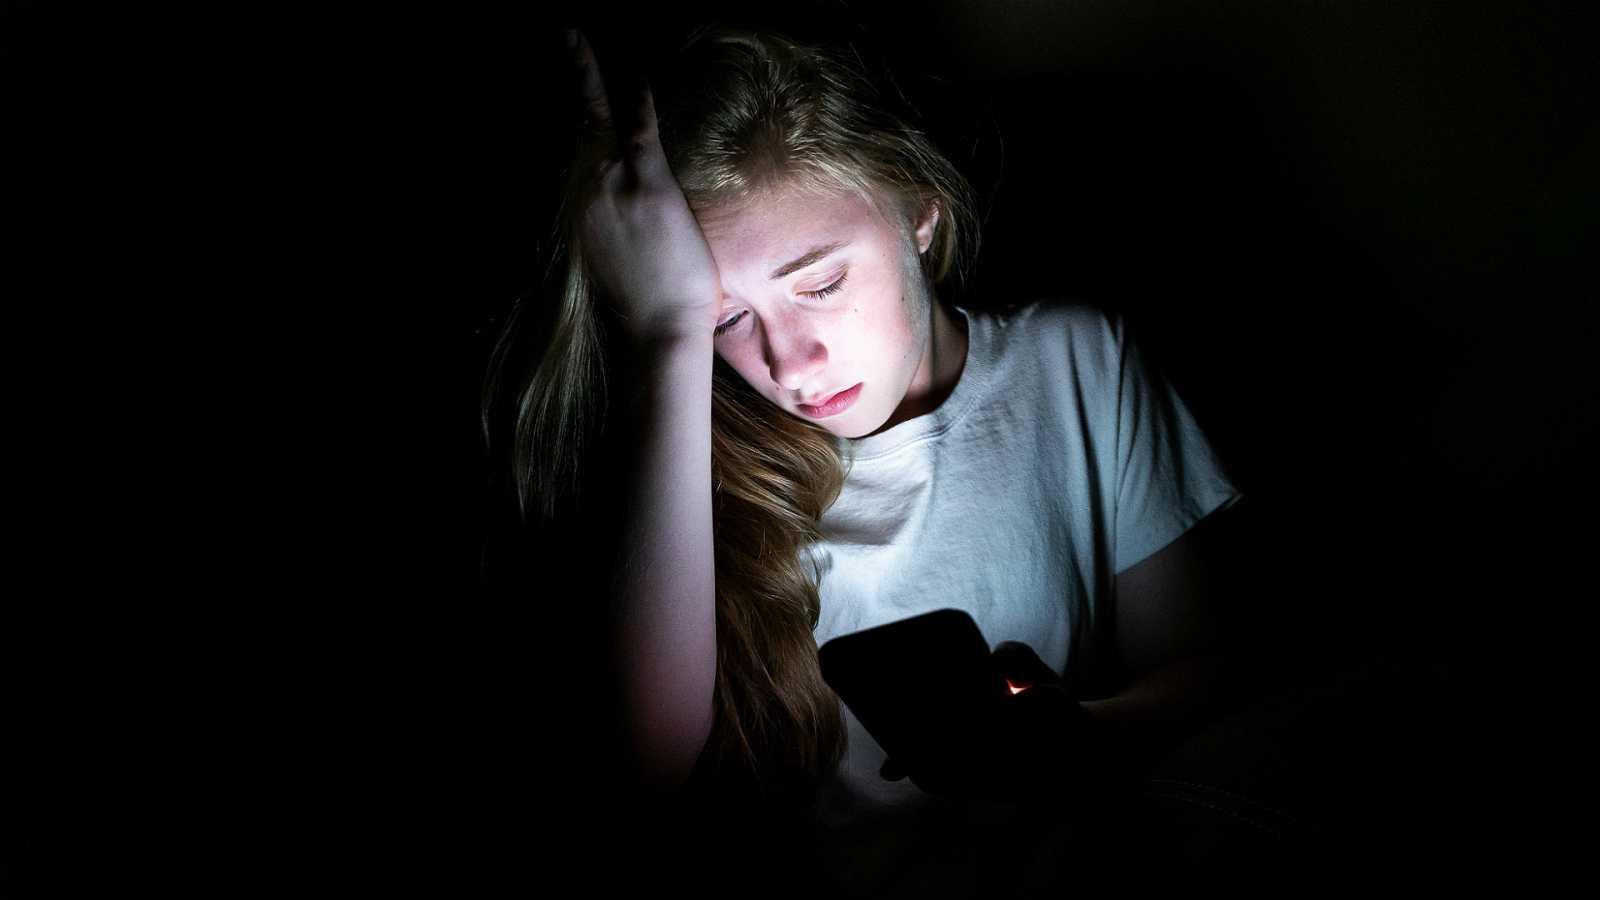 Mamás y papás - Ciberacoso (II): Atacar al virus que causa el mal - 25/01/20 - Escuchar ahora